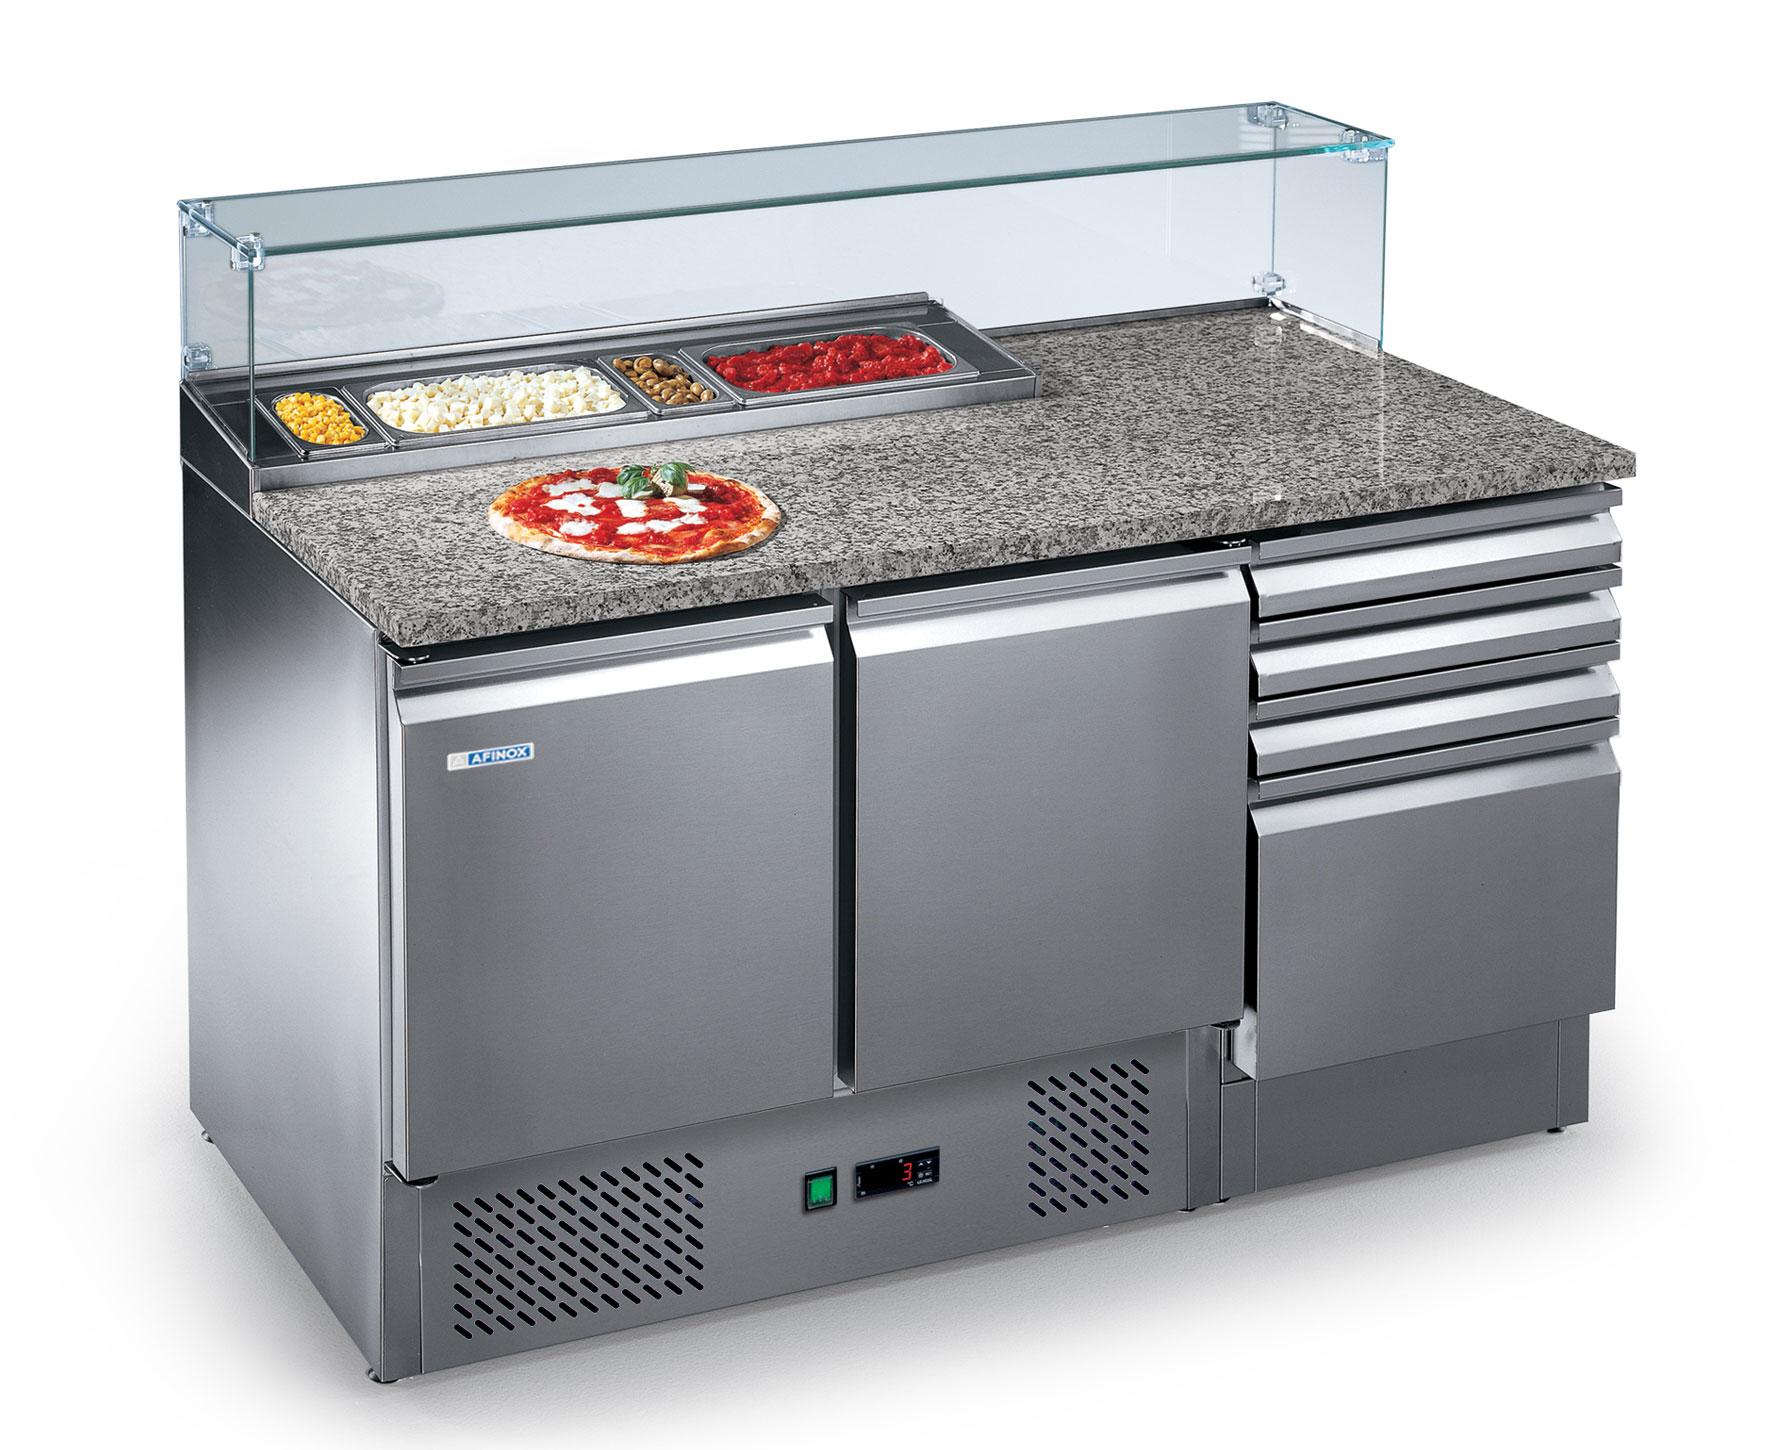 banchi e tavoli pizza, pizza counters and tables, bancos y mesas de pizza